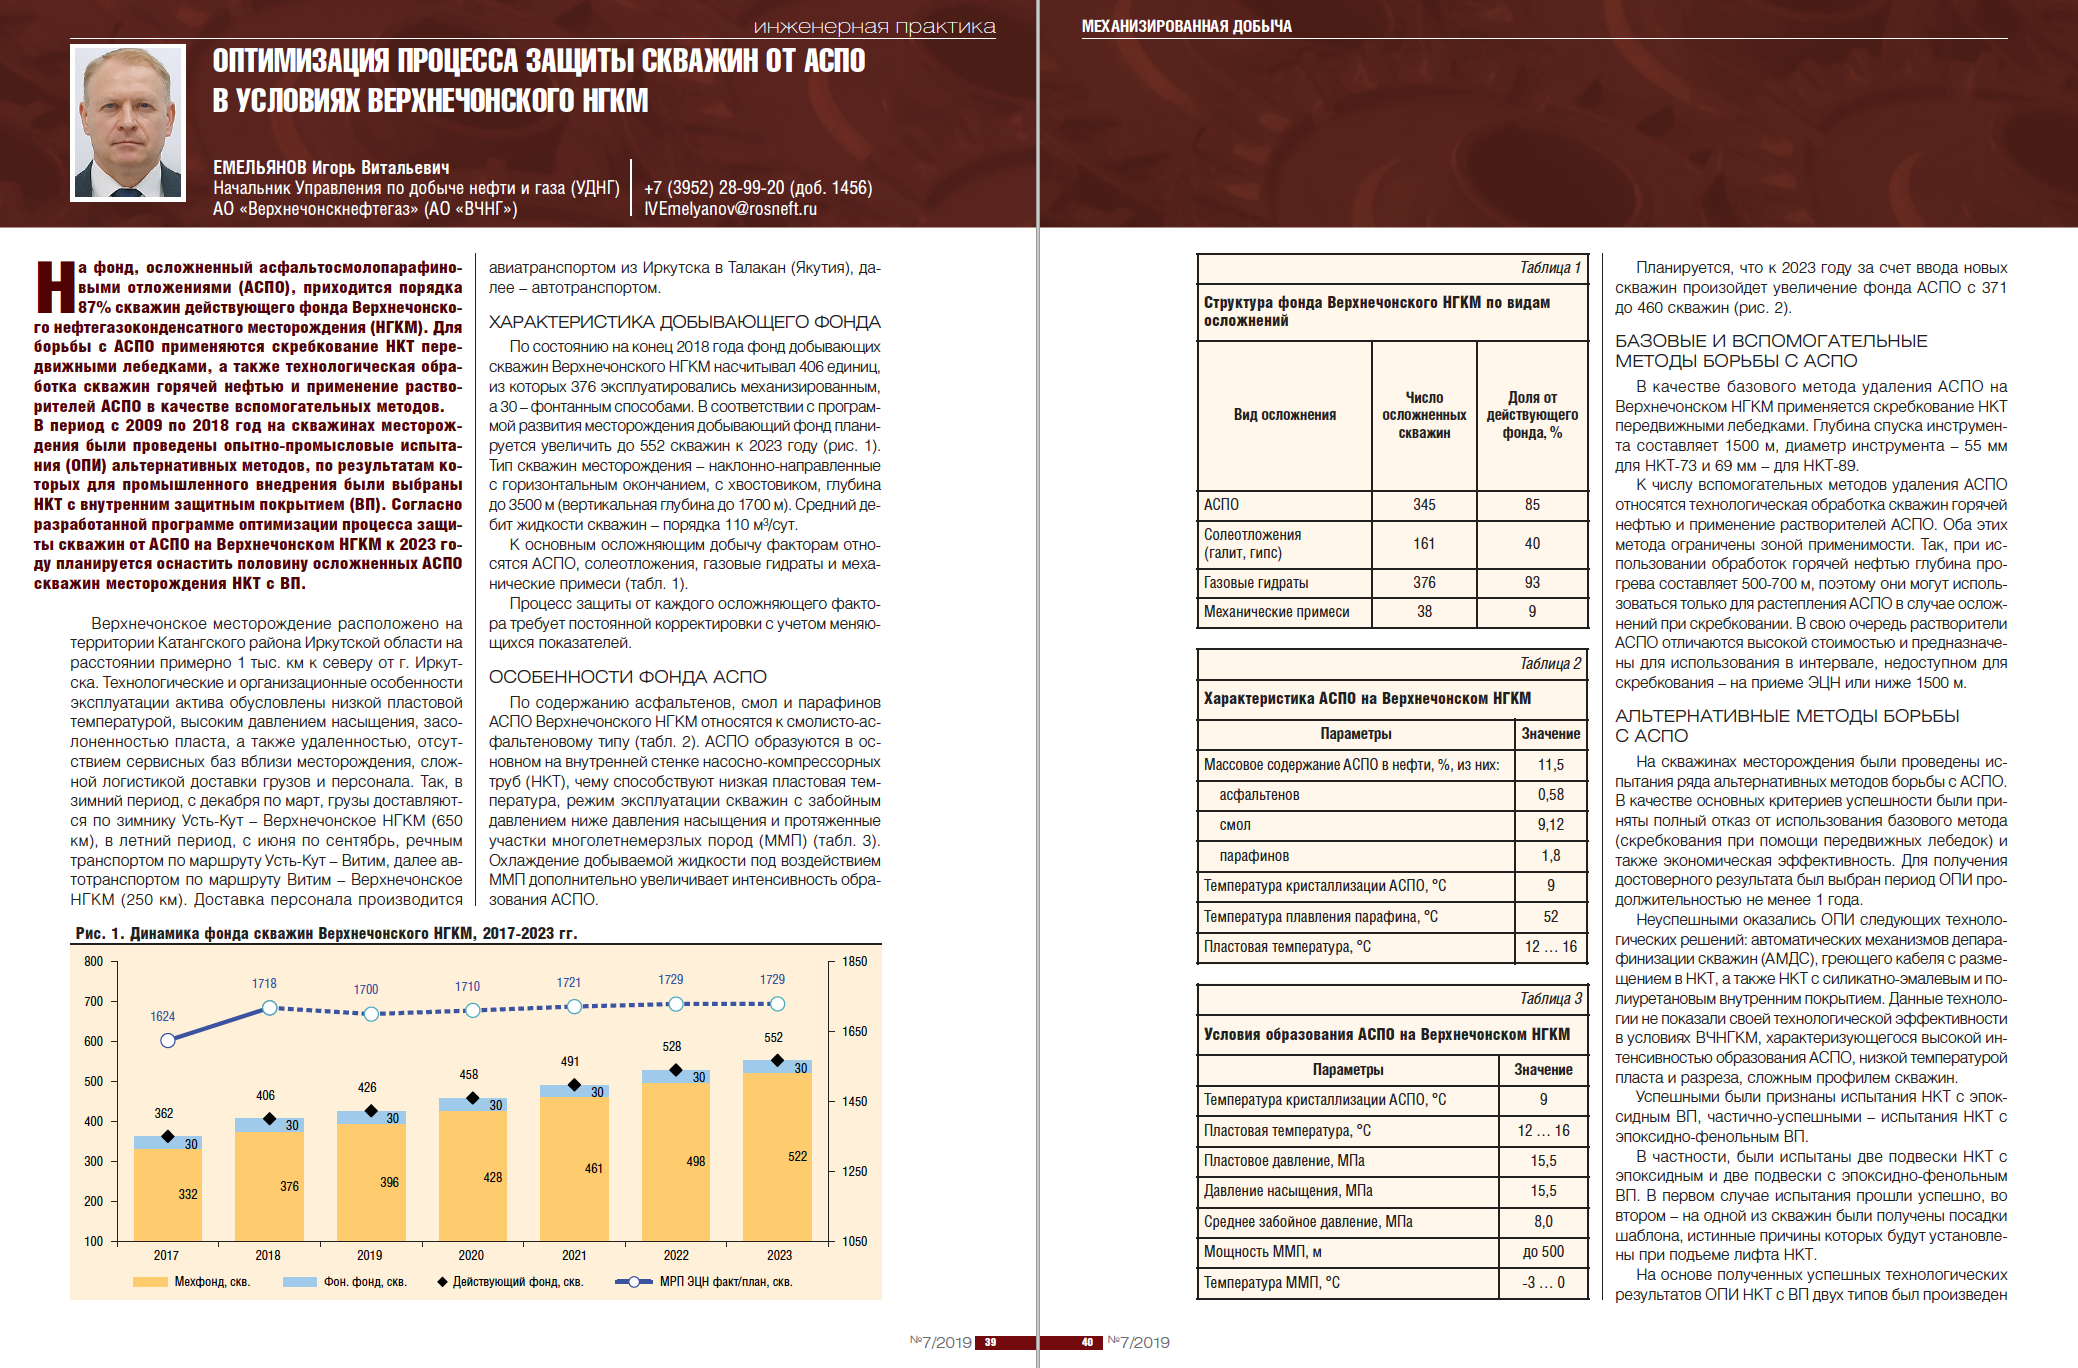 27905 Оптимизация процесса защиты скважин от АСПО в условиях Верхнечонского НГКМ